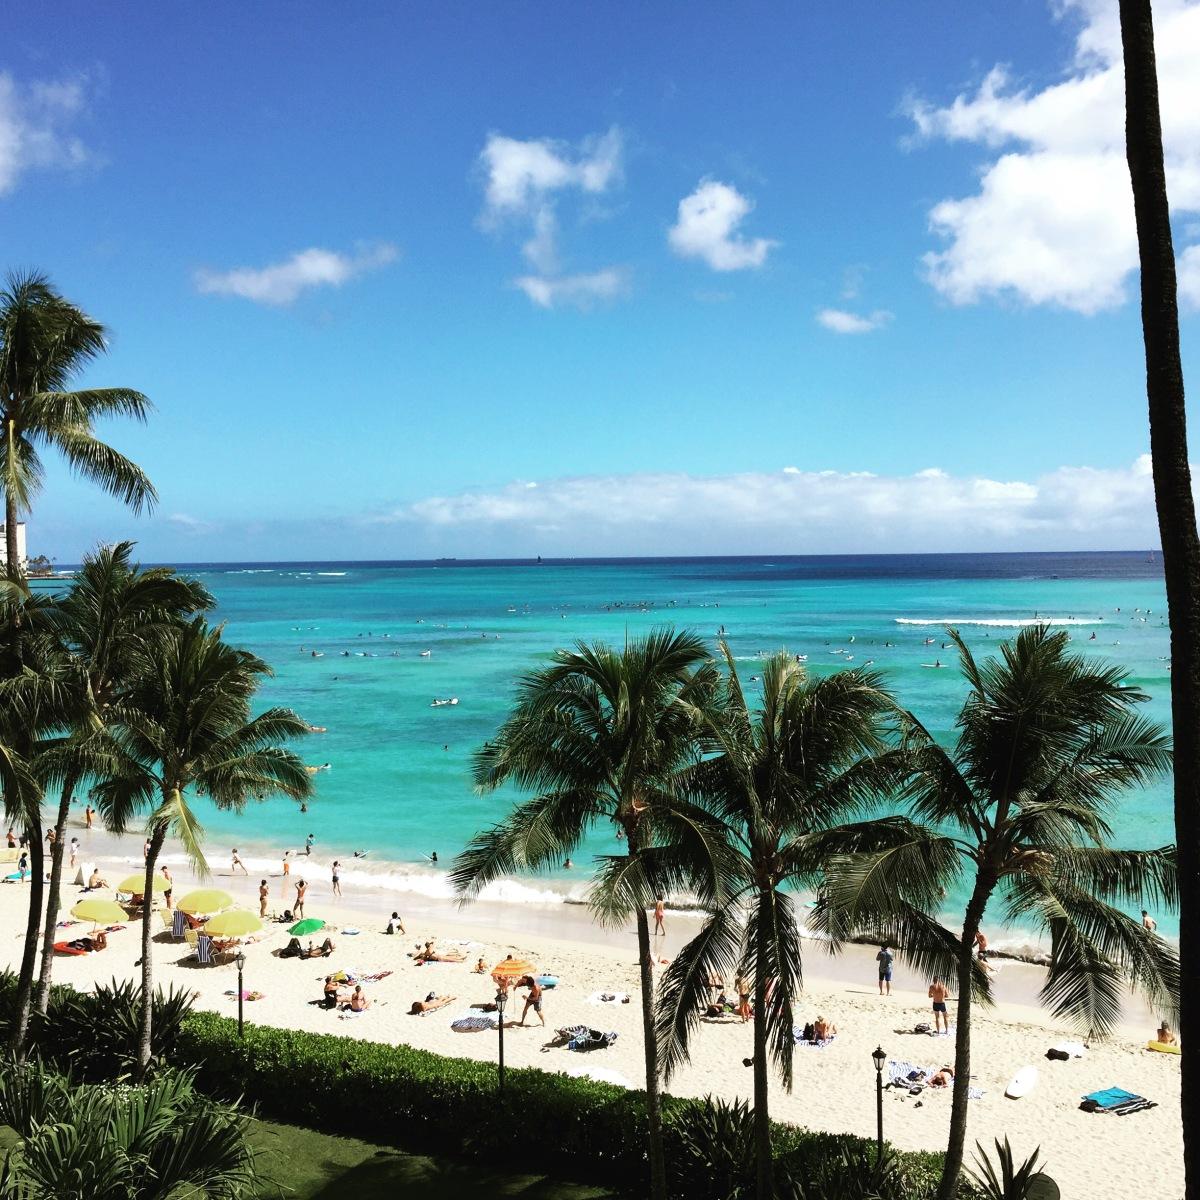 Waikiki ocean view